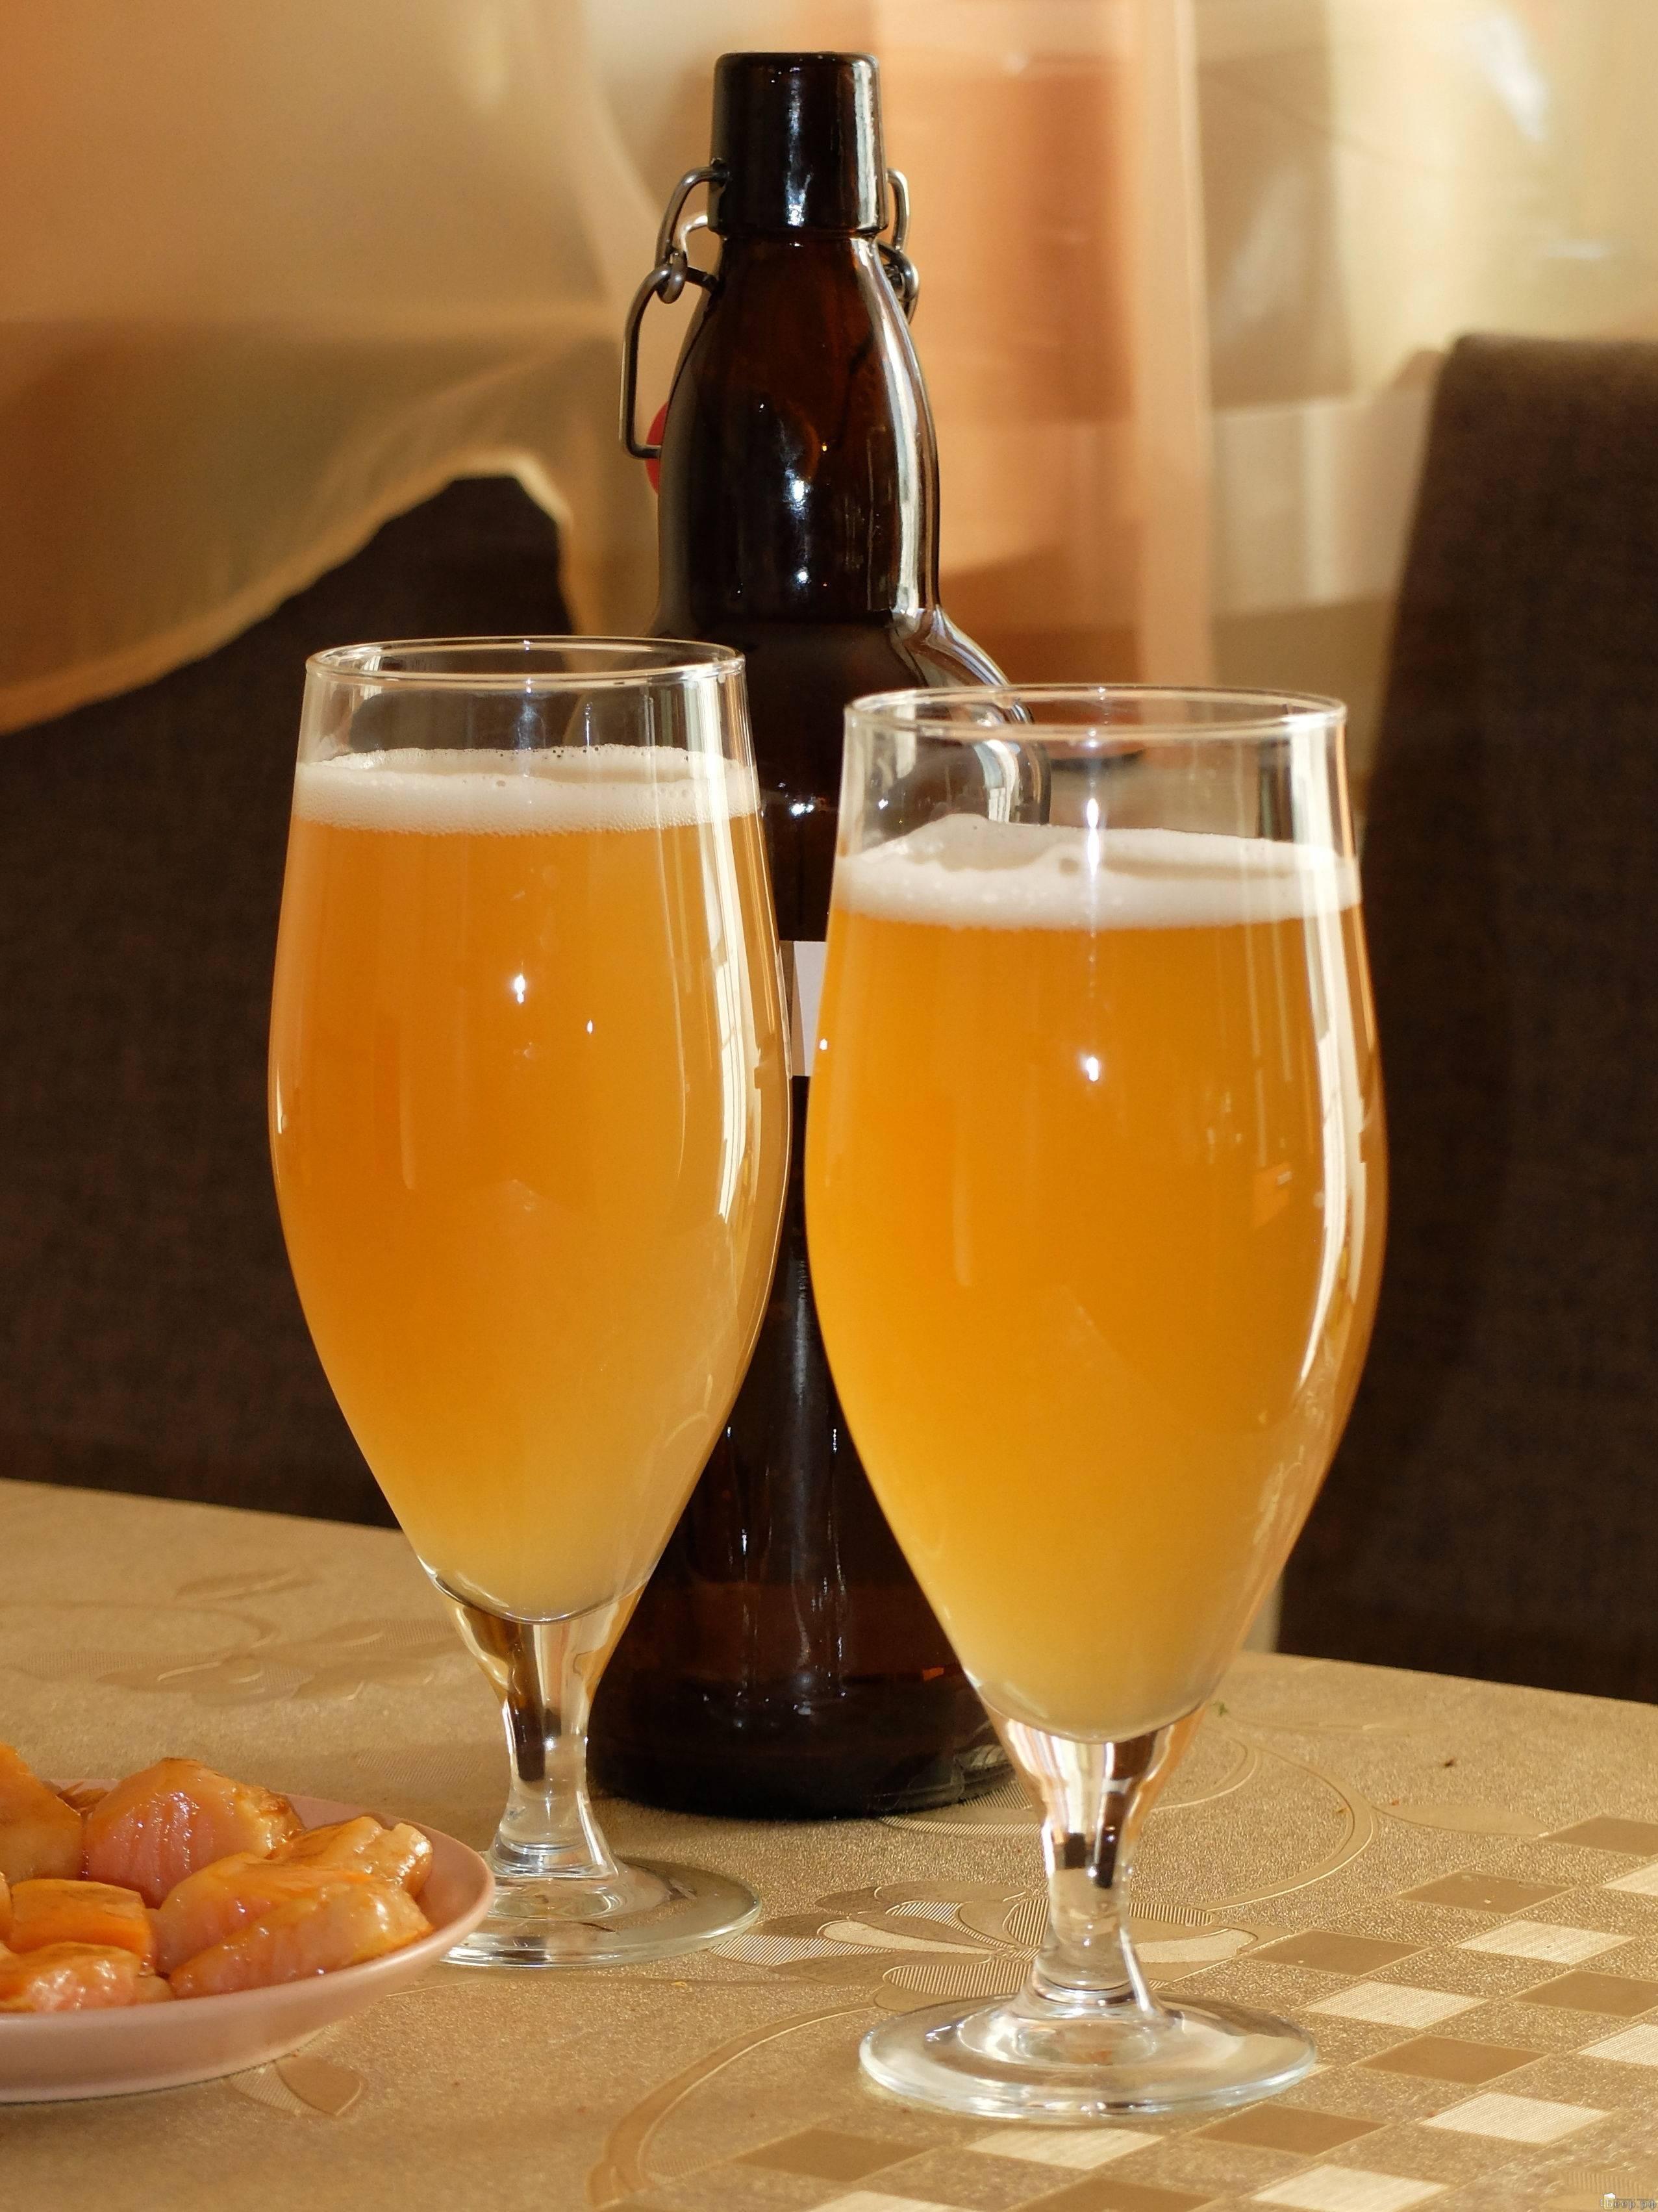 Рецепт пива из хмеля для домашнего приготовления — как варить пиво в домашних условиях из хмеля